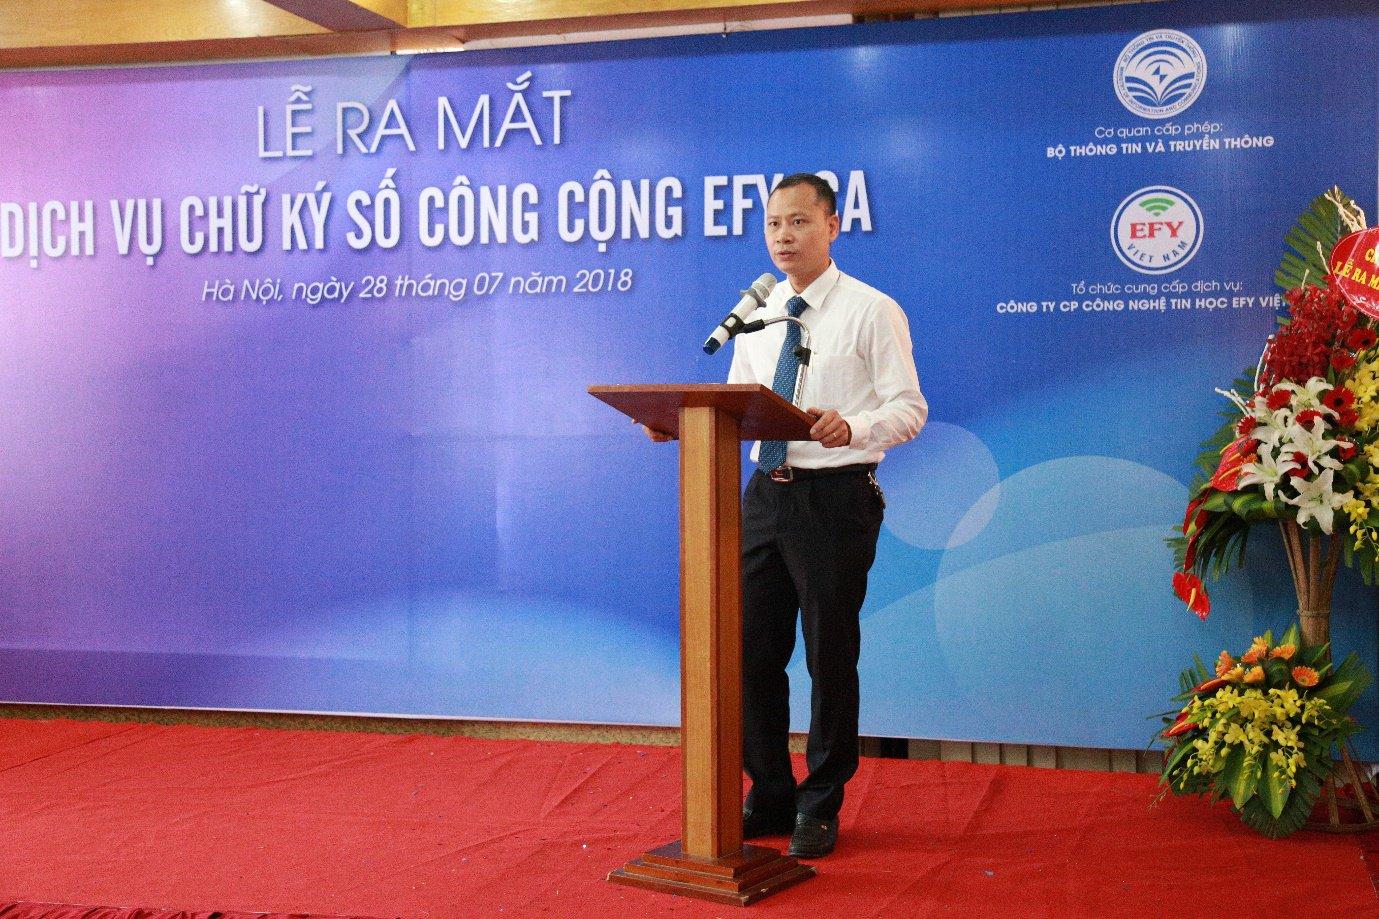 EFY Việt Nam ra mắt dịch vụ chữ ký số công cộng